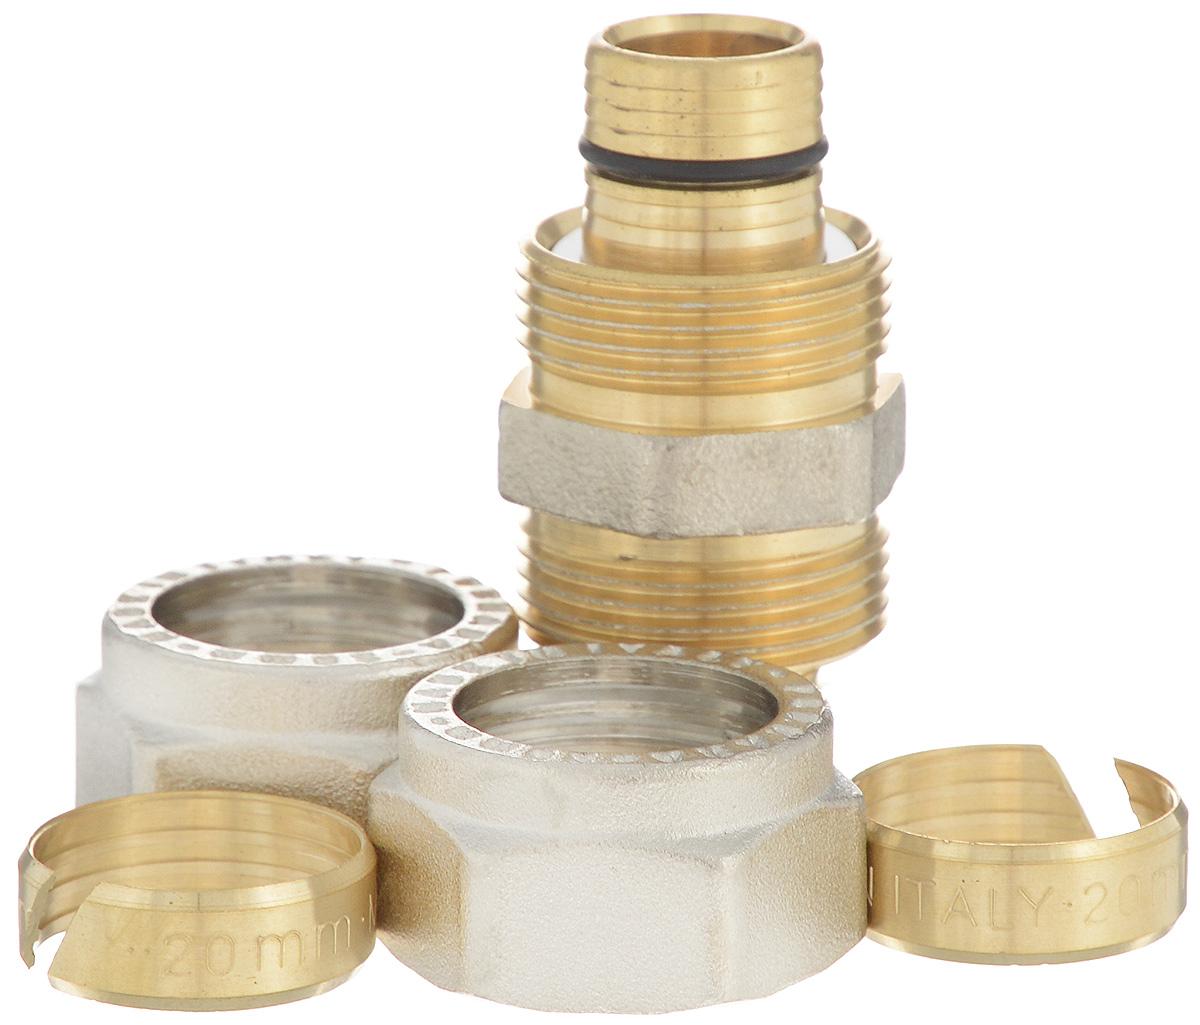 Соединитель Fornara, ц - ц, 2014418Соединитель Fornara предназначен для соединения металлопластиковых труб с помощью разводного ключа. Соединение получается разъемным, что позволяет при необходимости заменять уплотнительные кольца, а также производить обслуживание участка трубопровода.